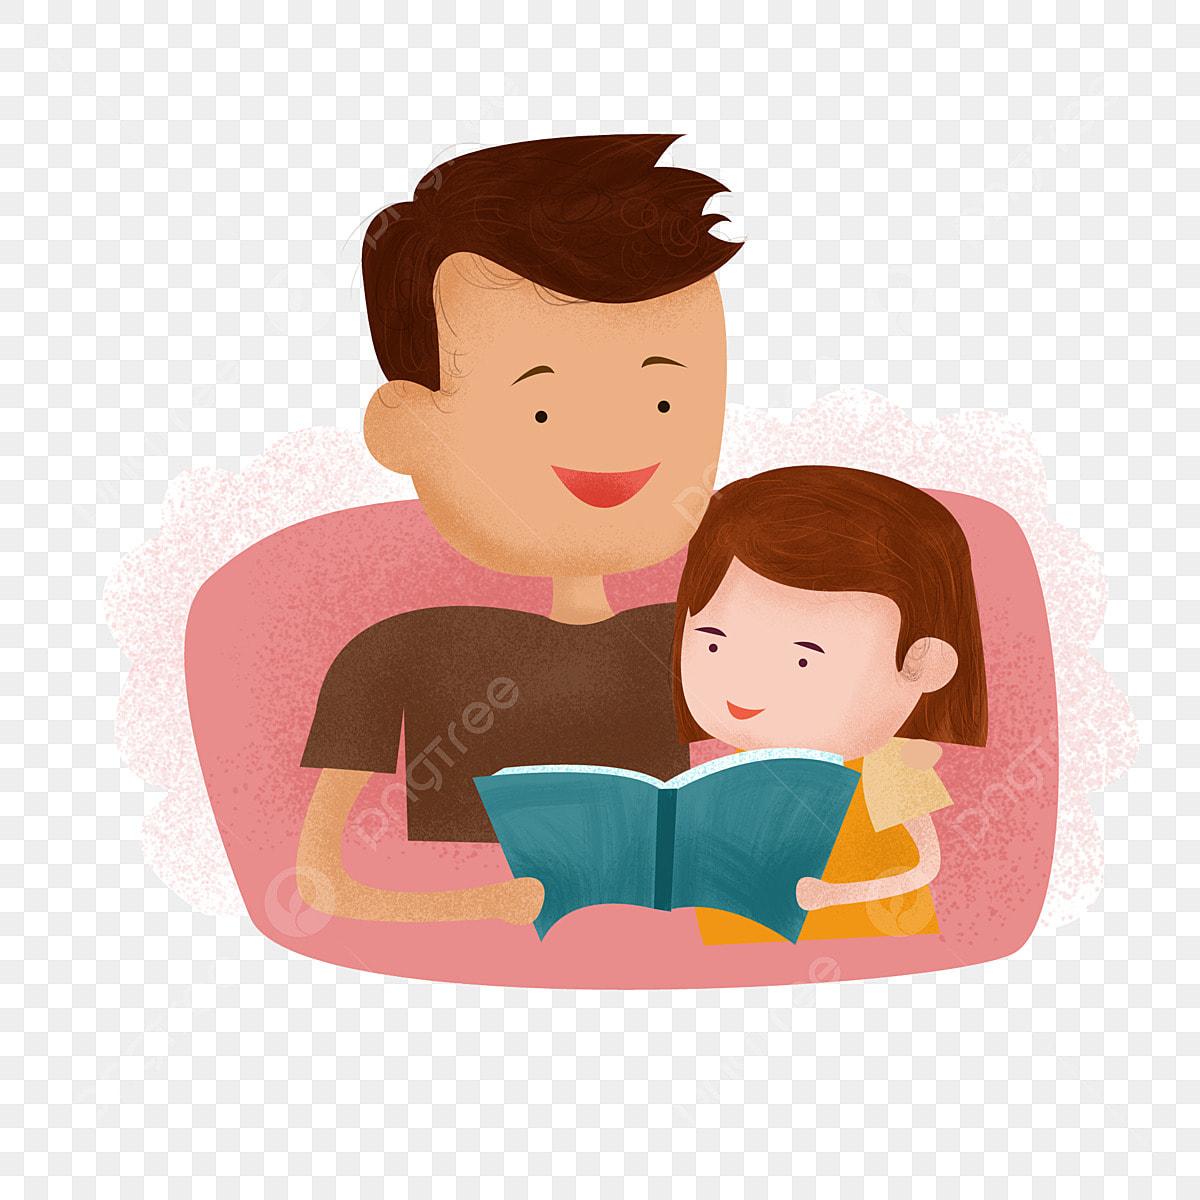 Gambar Elemen Ayah Dan Anak Perempuan Membaca Buku Bersama Membaca Buku Bersama Membaca Buku Buku Png Dan Clipart Untuk Muat Turun Percuma